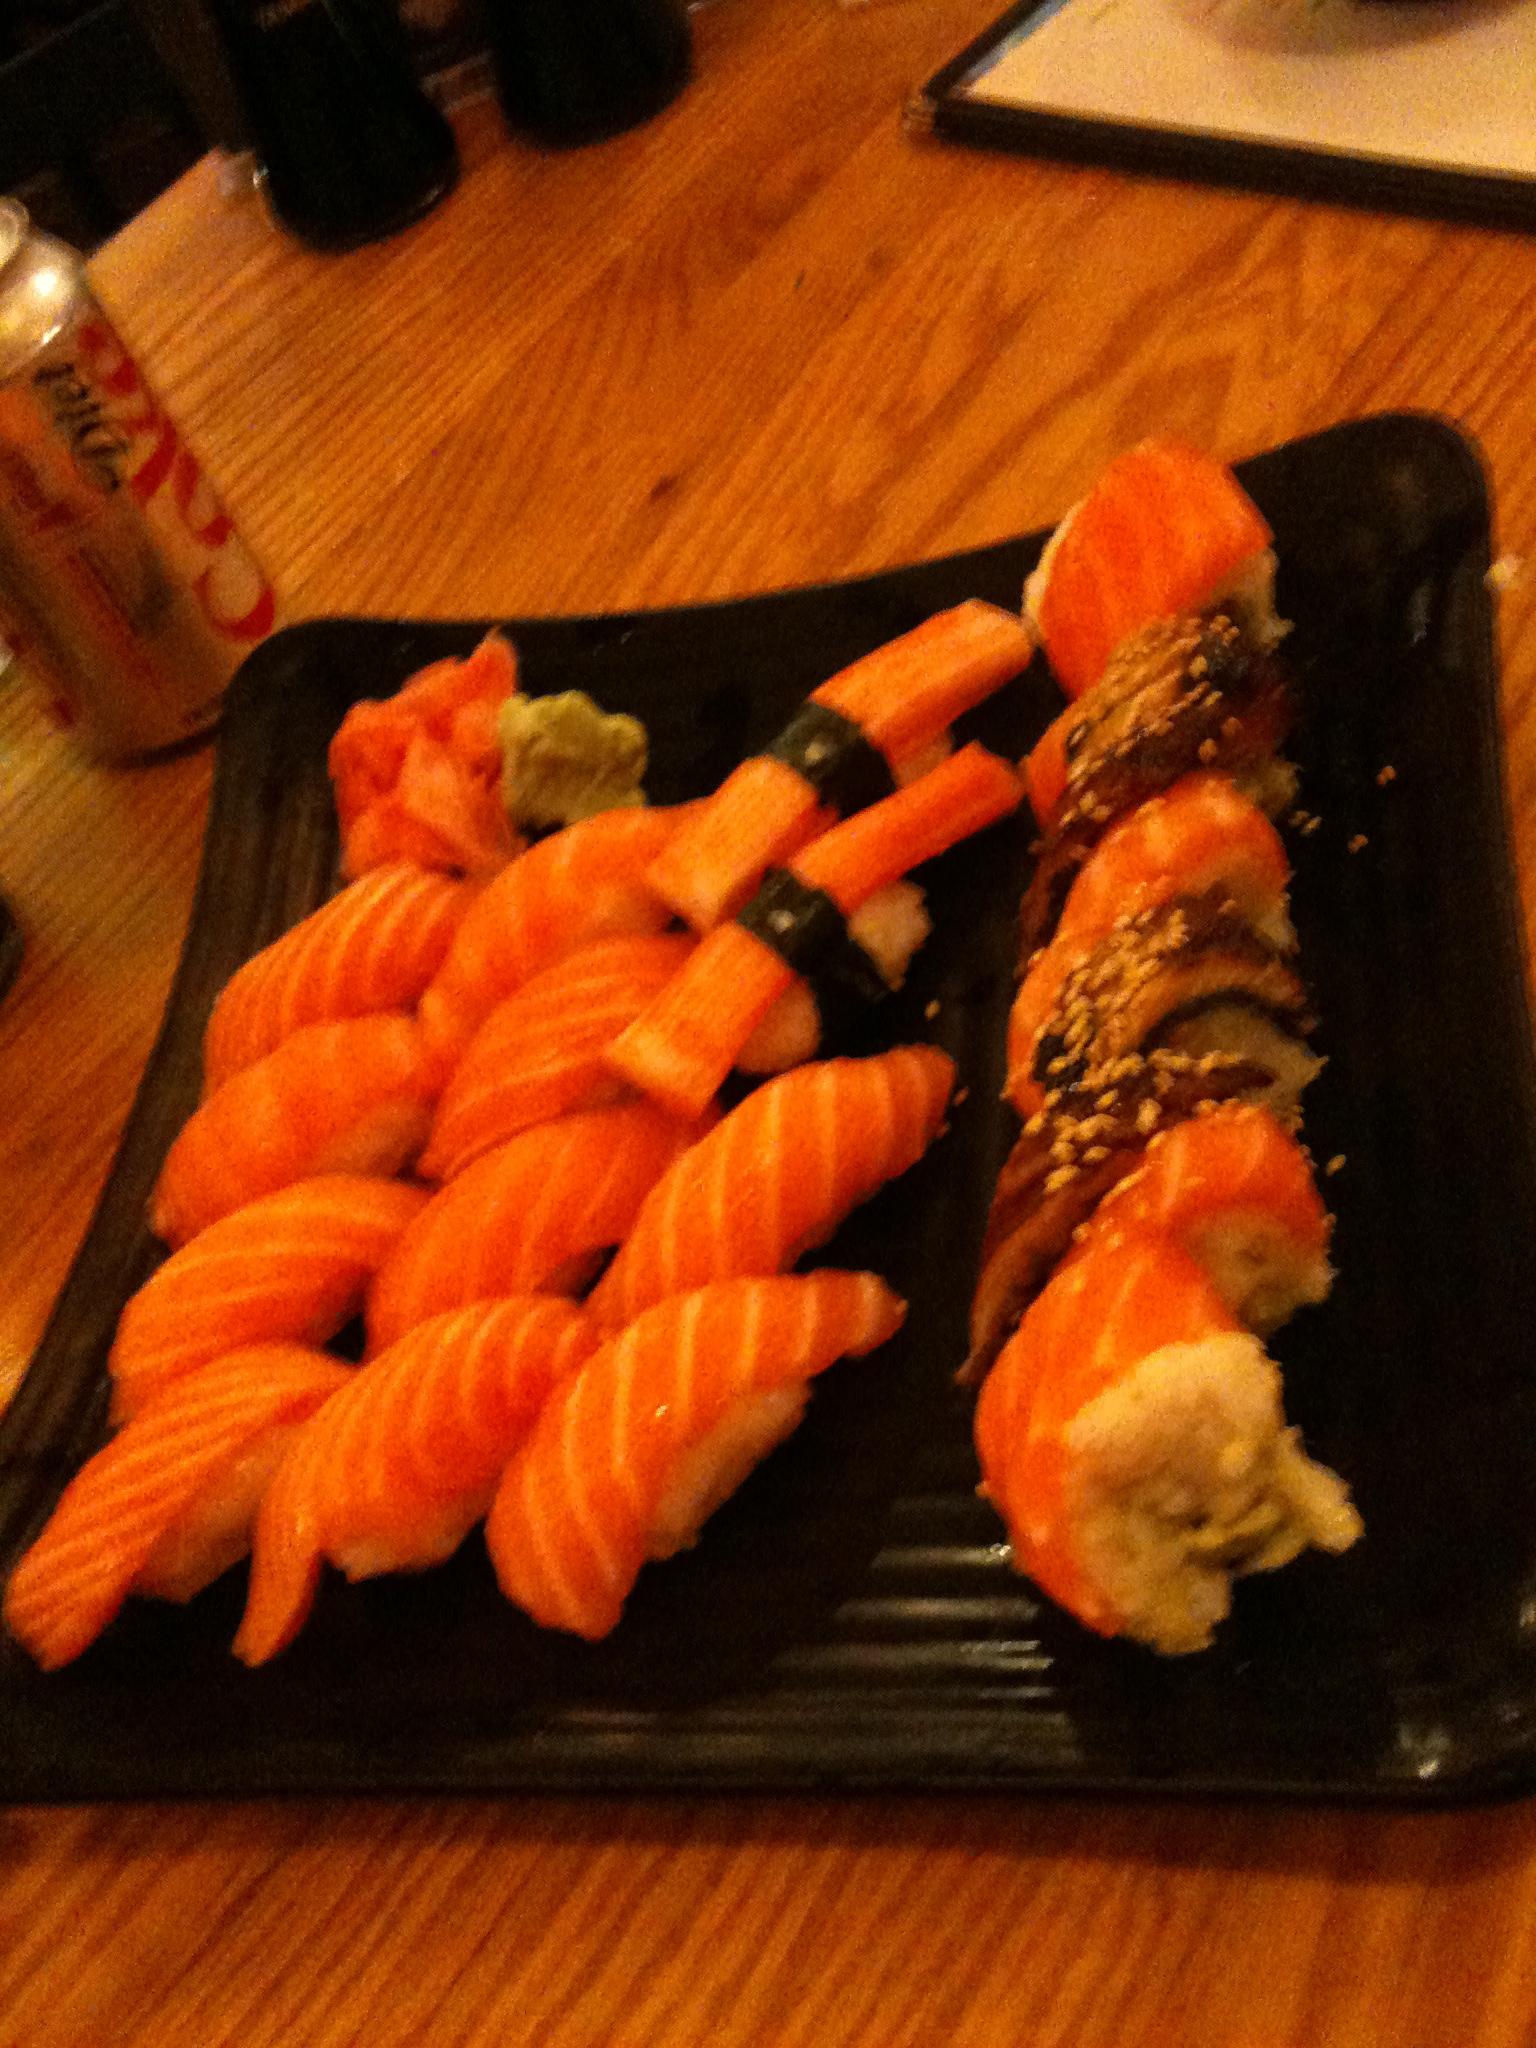 Oishii sushi and maki